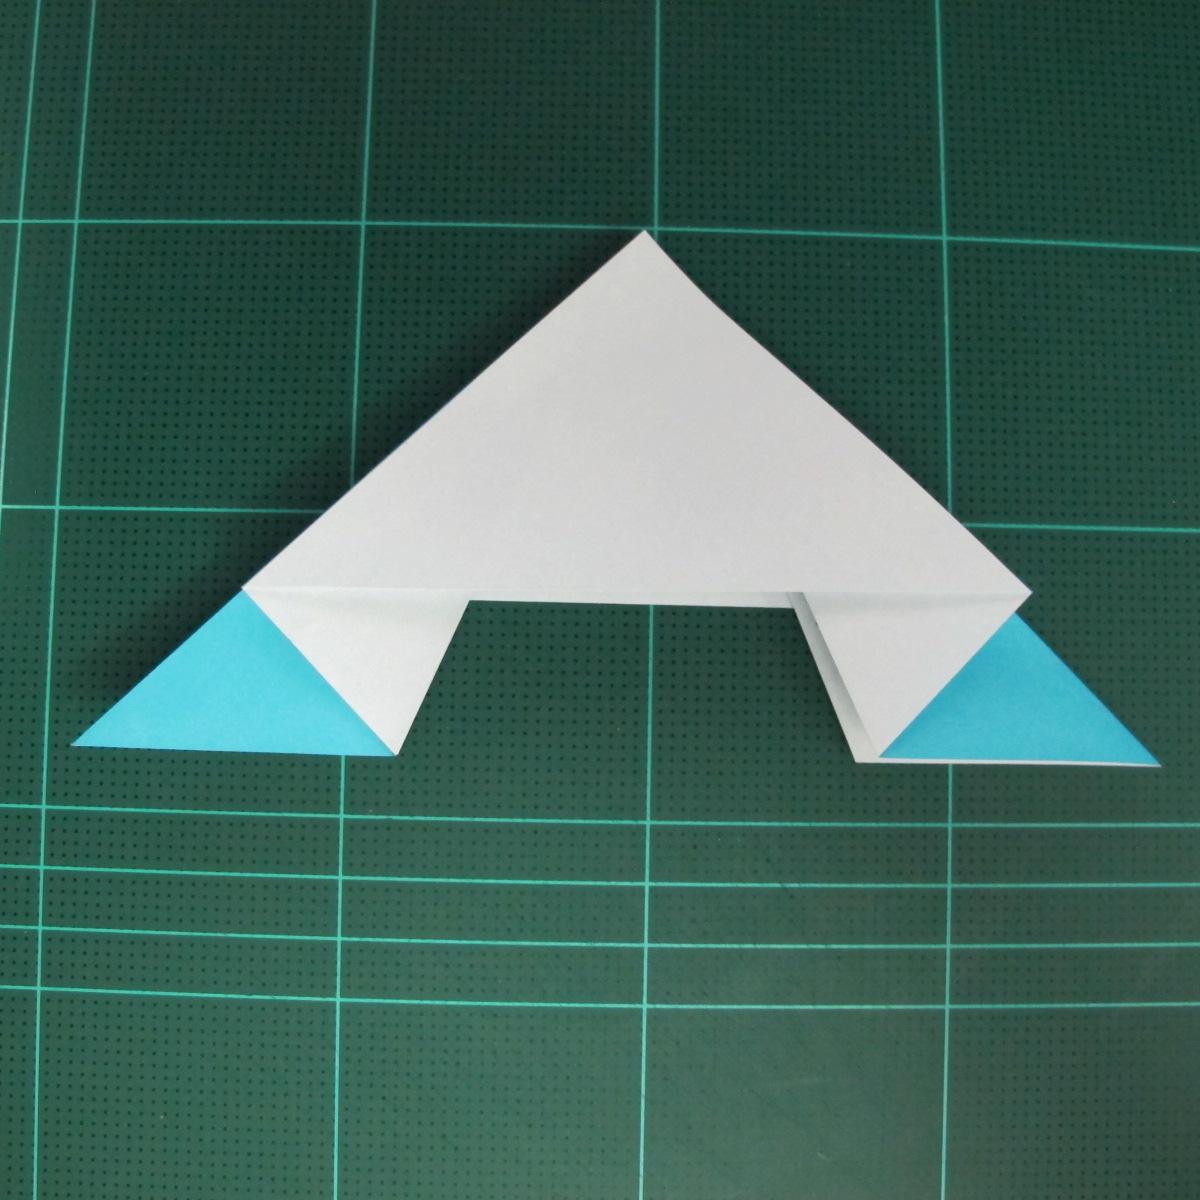 การพับกระดาษเป็นรูปตัวเม่นแคระ (Origami Hedgehog) 016